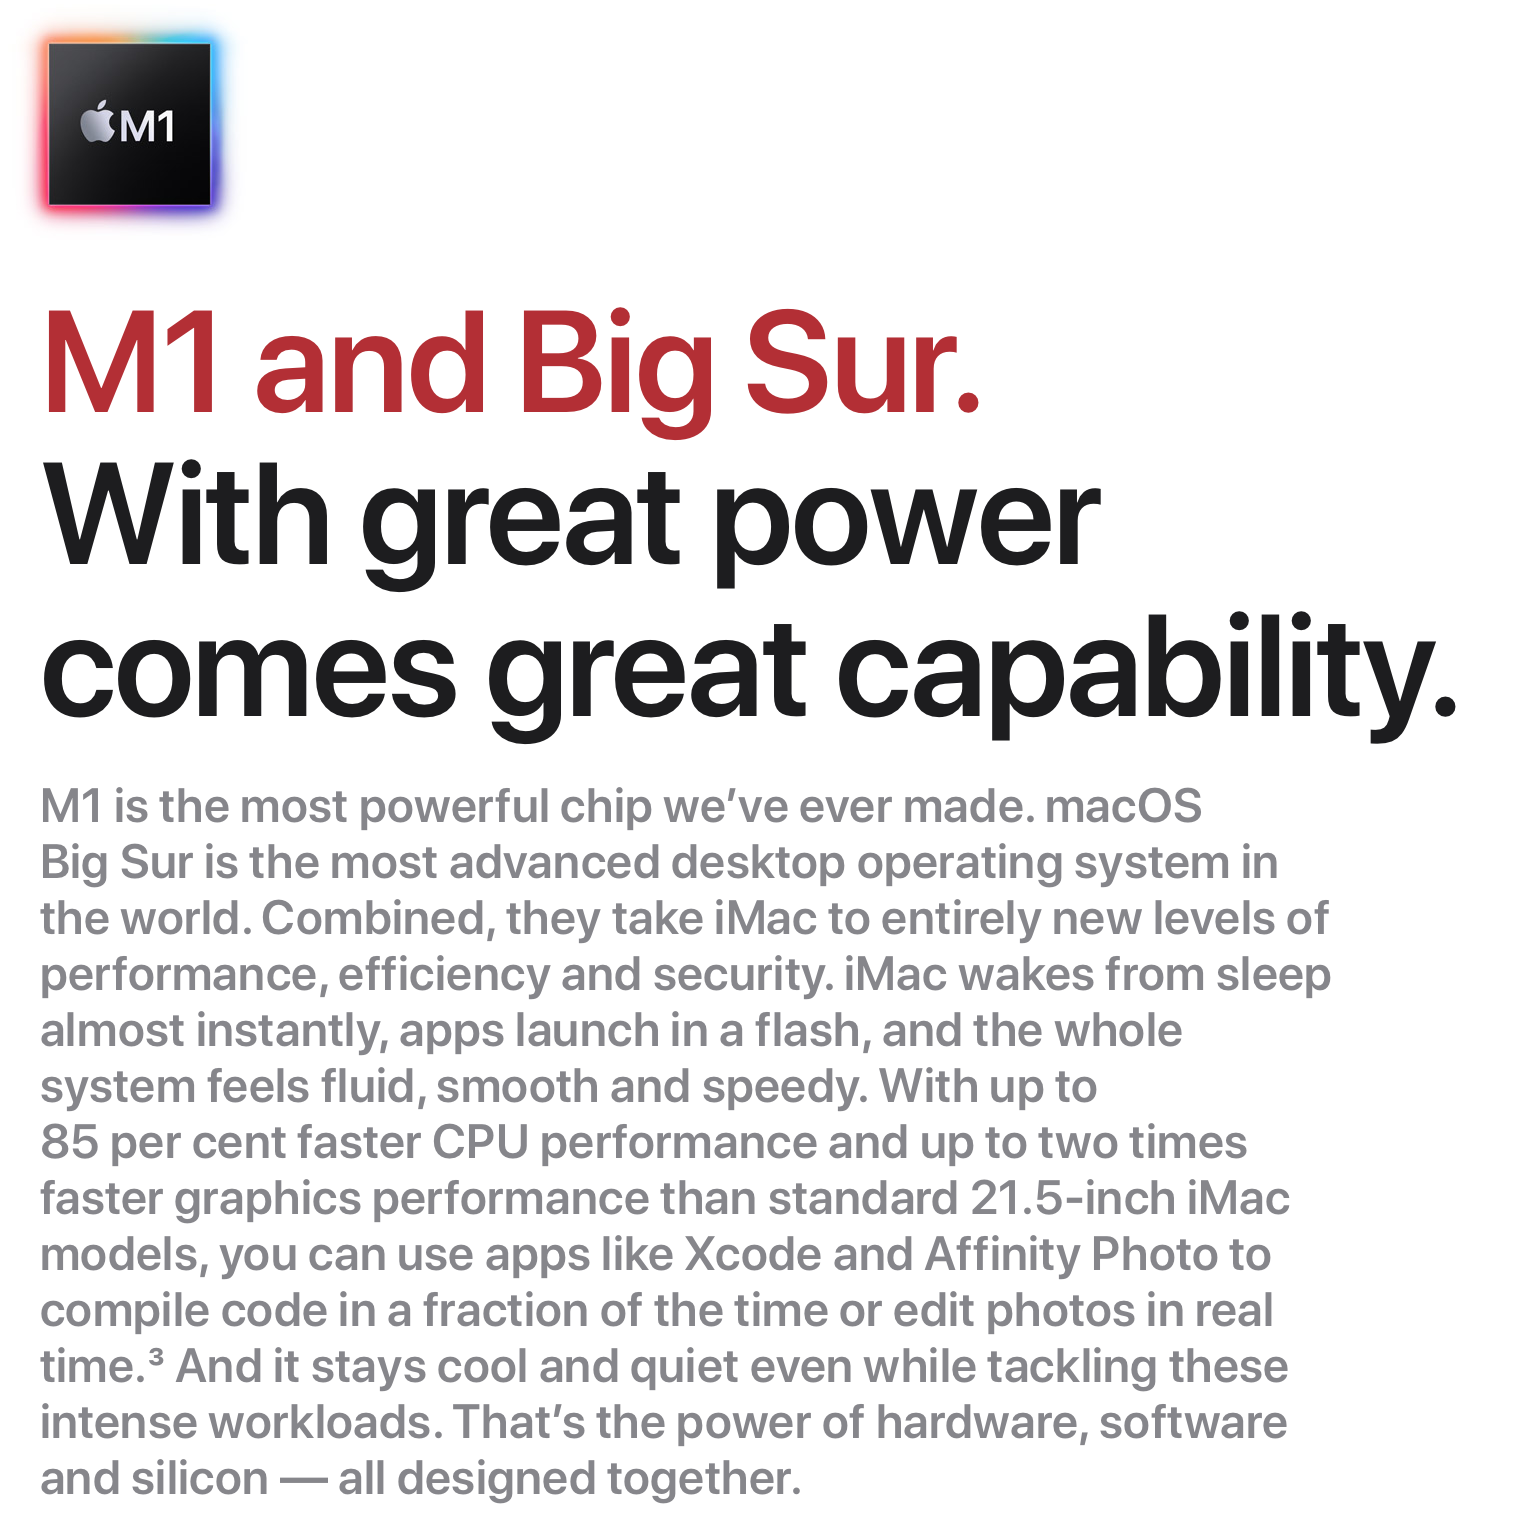 Apple M1 Chip Description